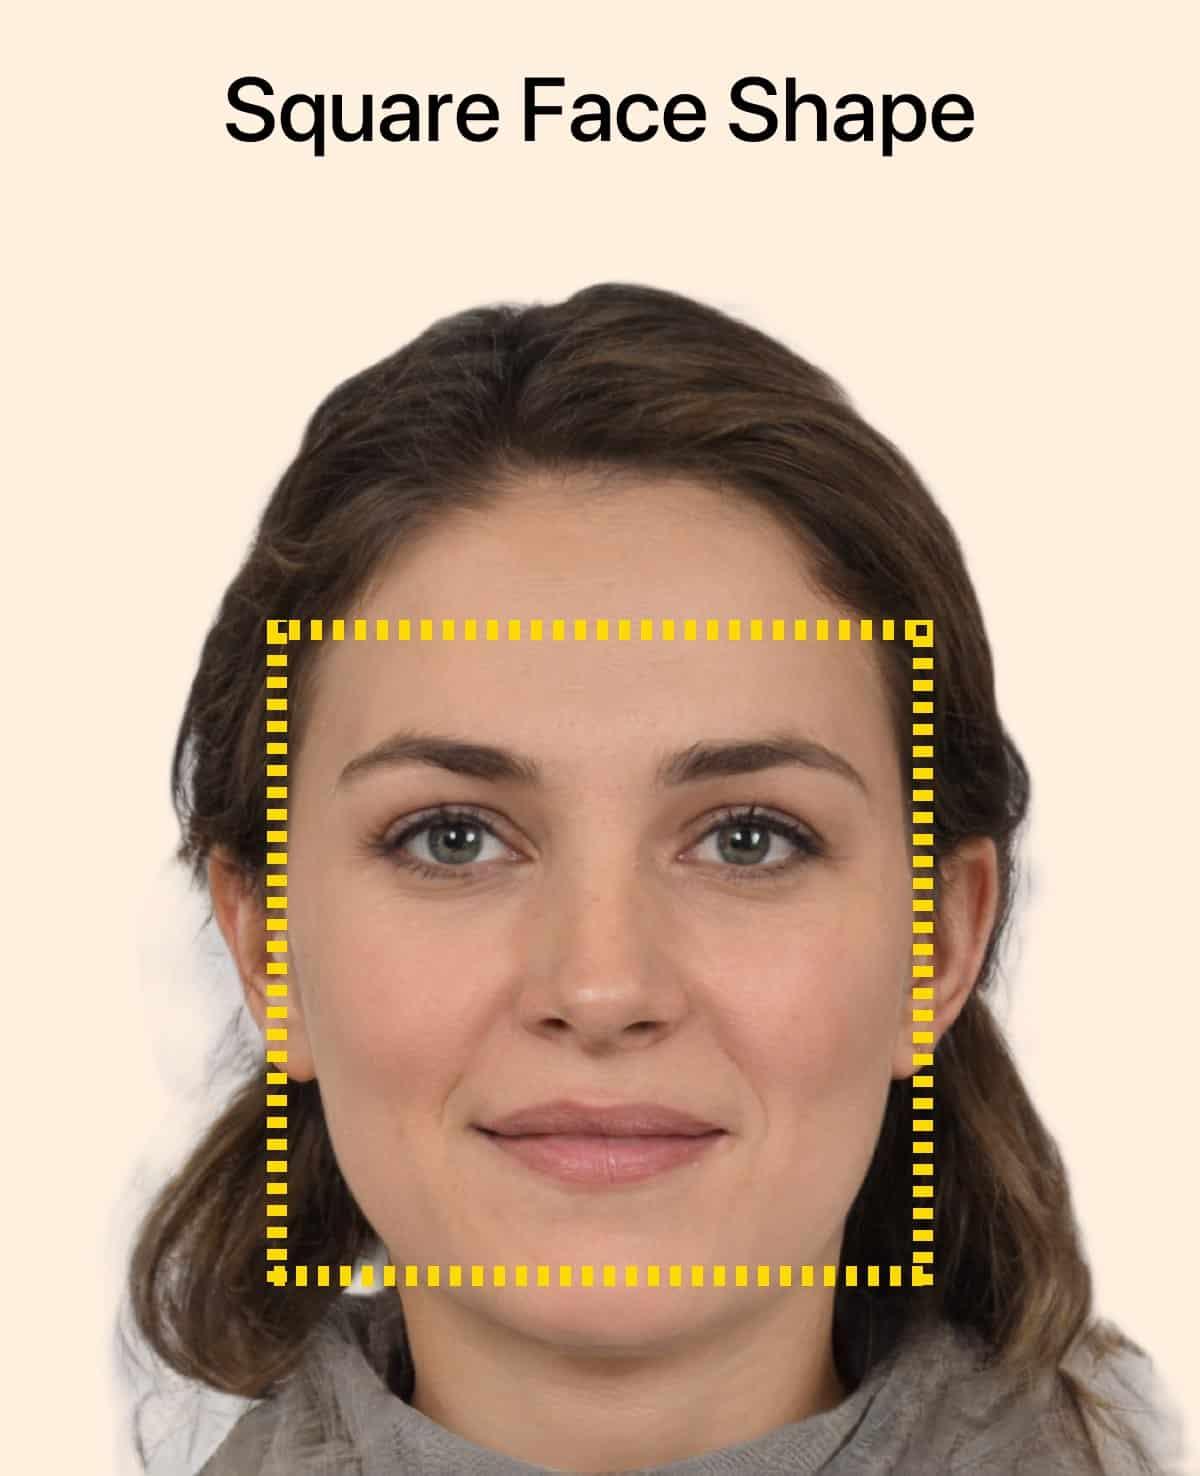 La forme carrée du visage